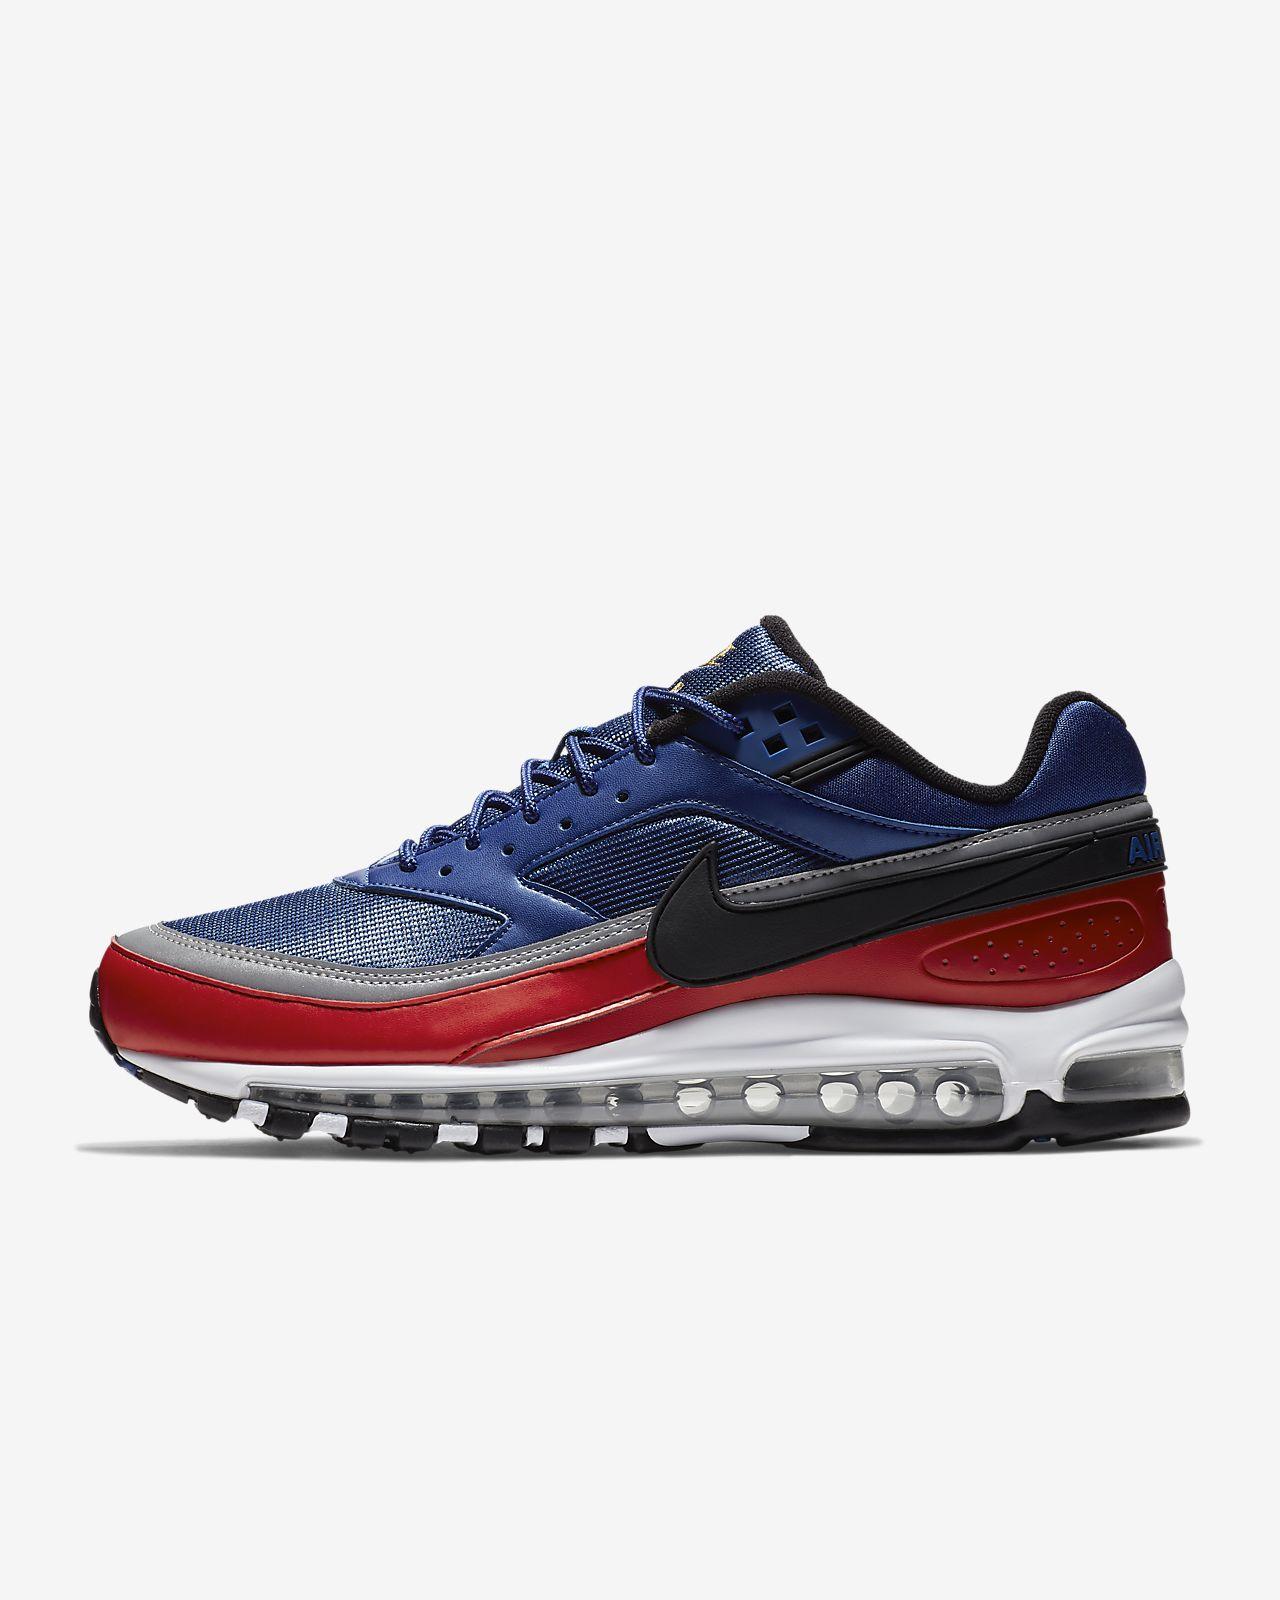 meet e0ca3 635ee ... Nike Air Max 97 BW - sko til mænd